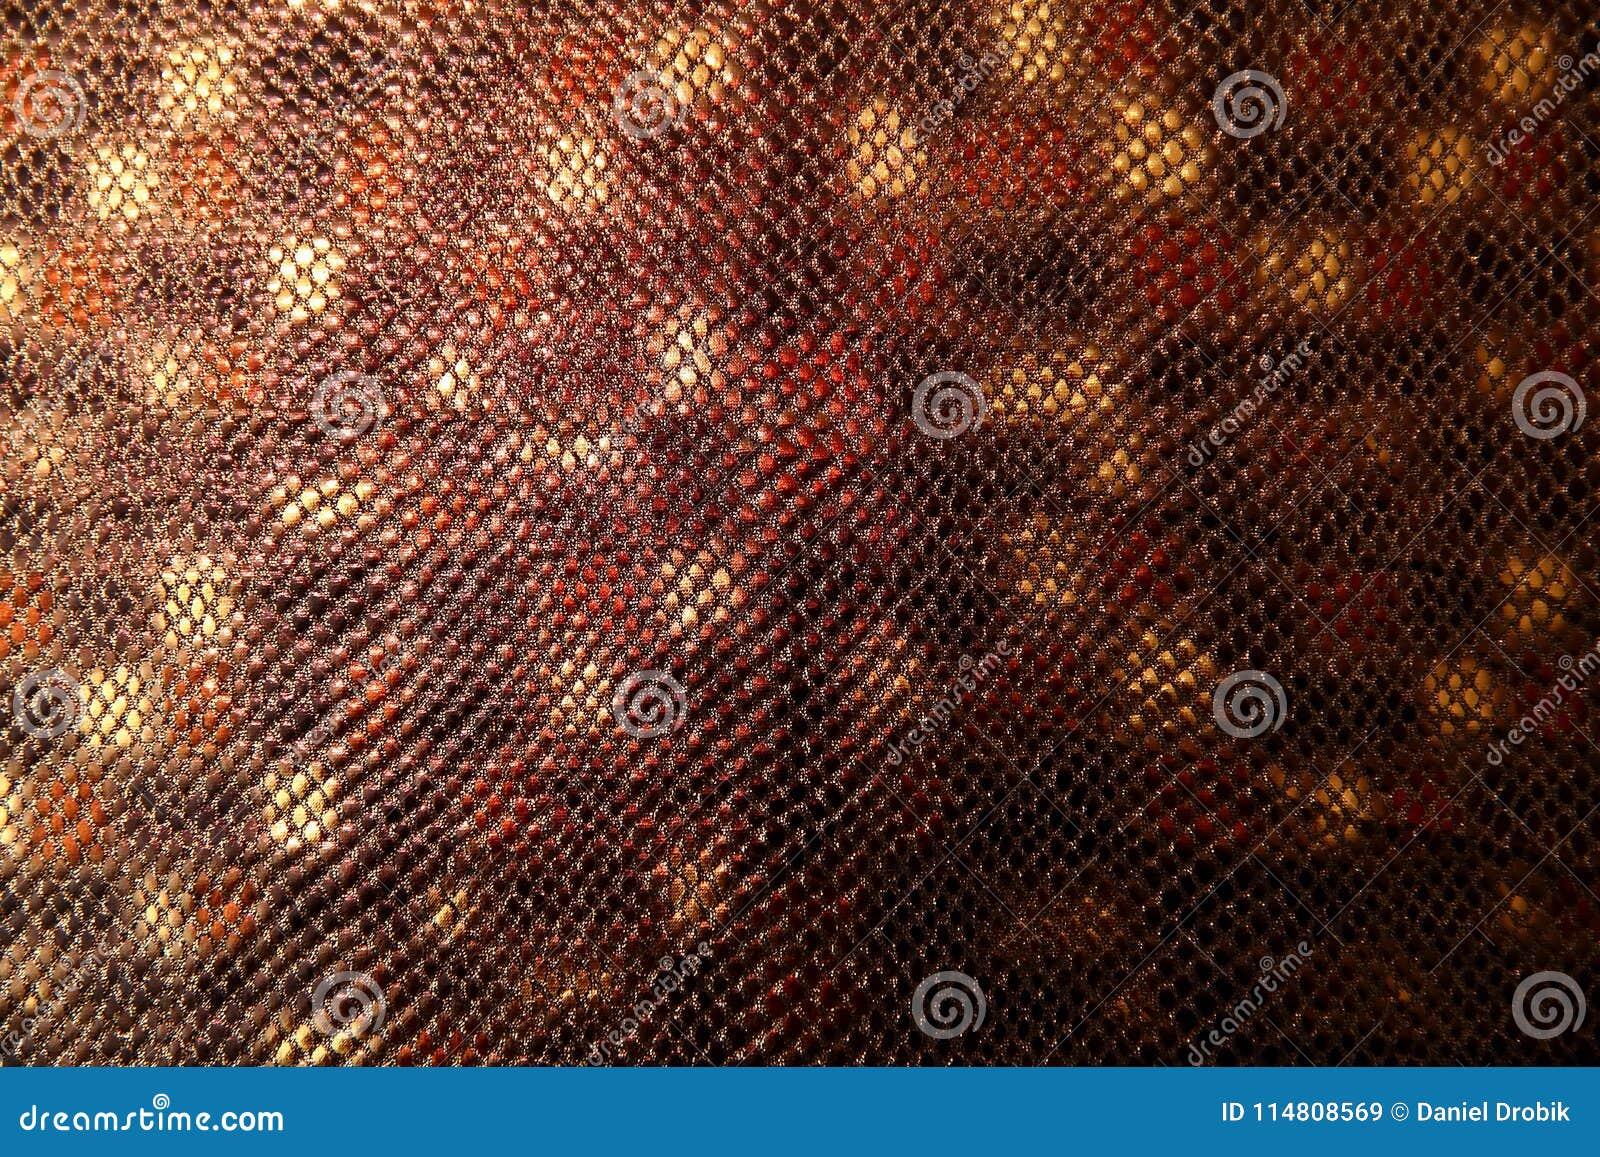 Organtyna är ett skinande material som är ett material som är passande för dräkter, som är förment att betona status och framgång